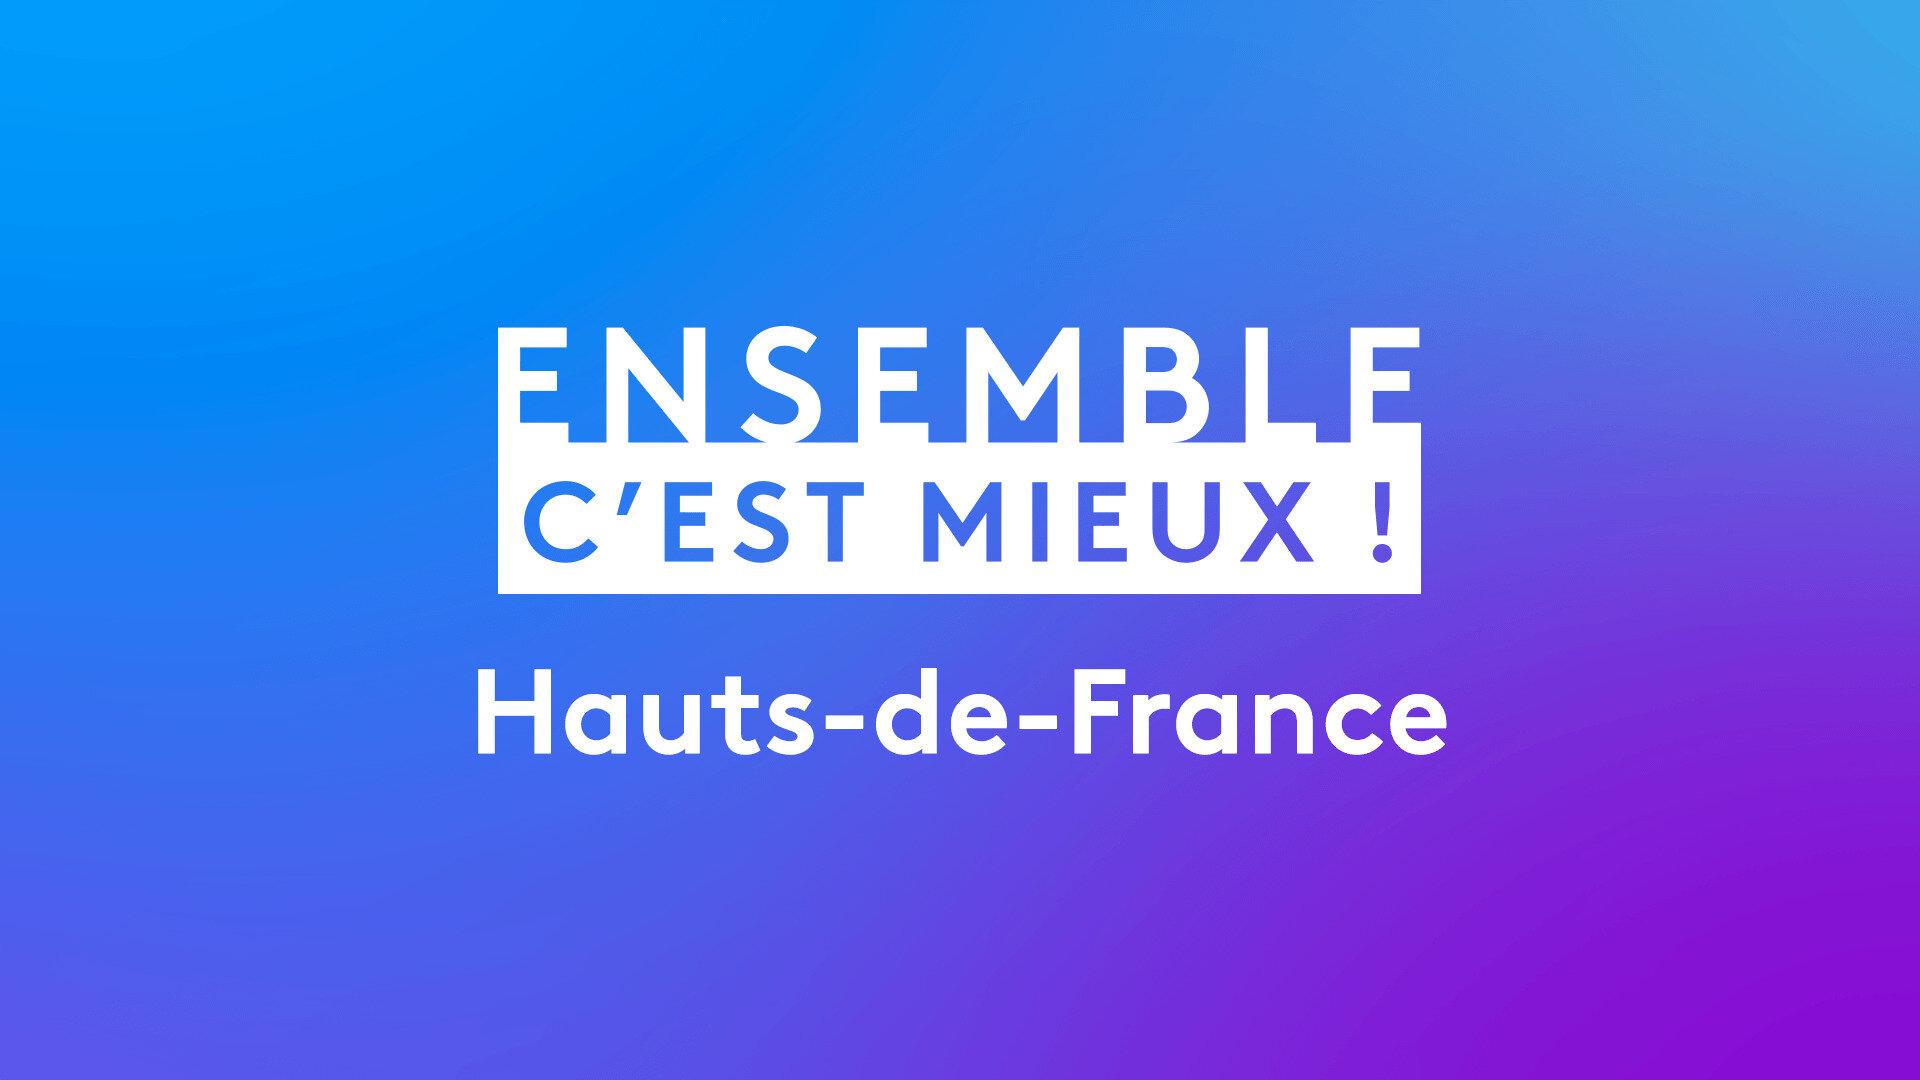 Ensemble c'est mieux ! Hauts-de-France : L'agence du don en nature à Dourges (62)